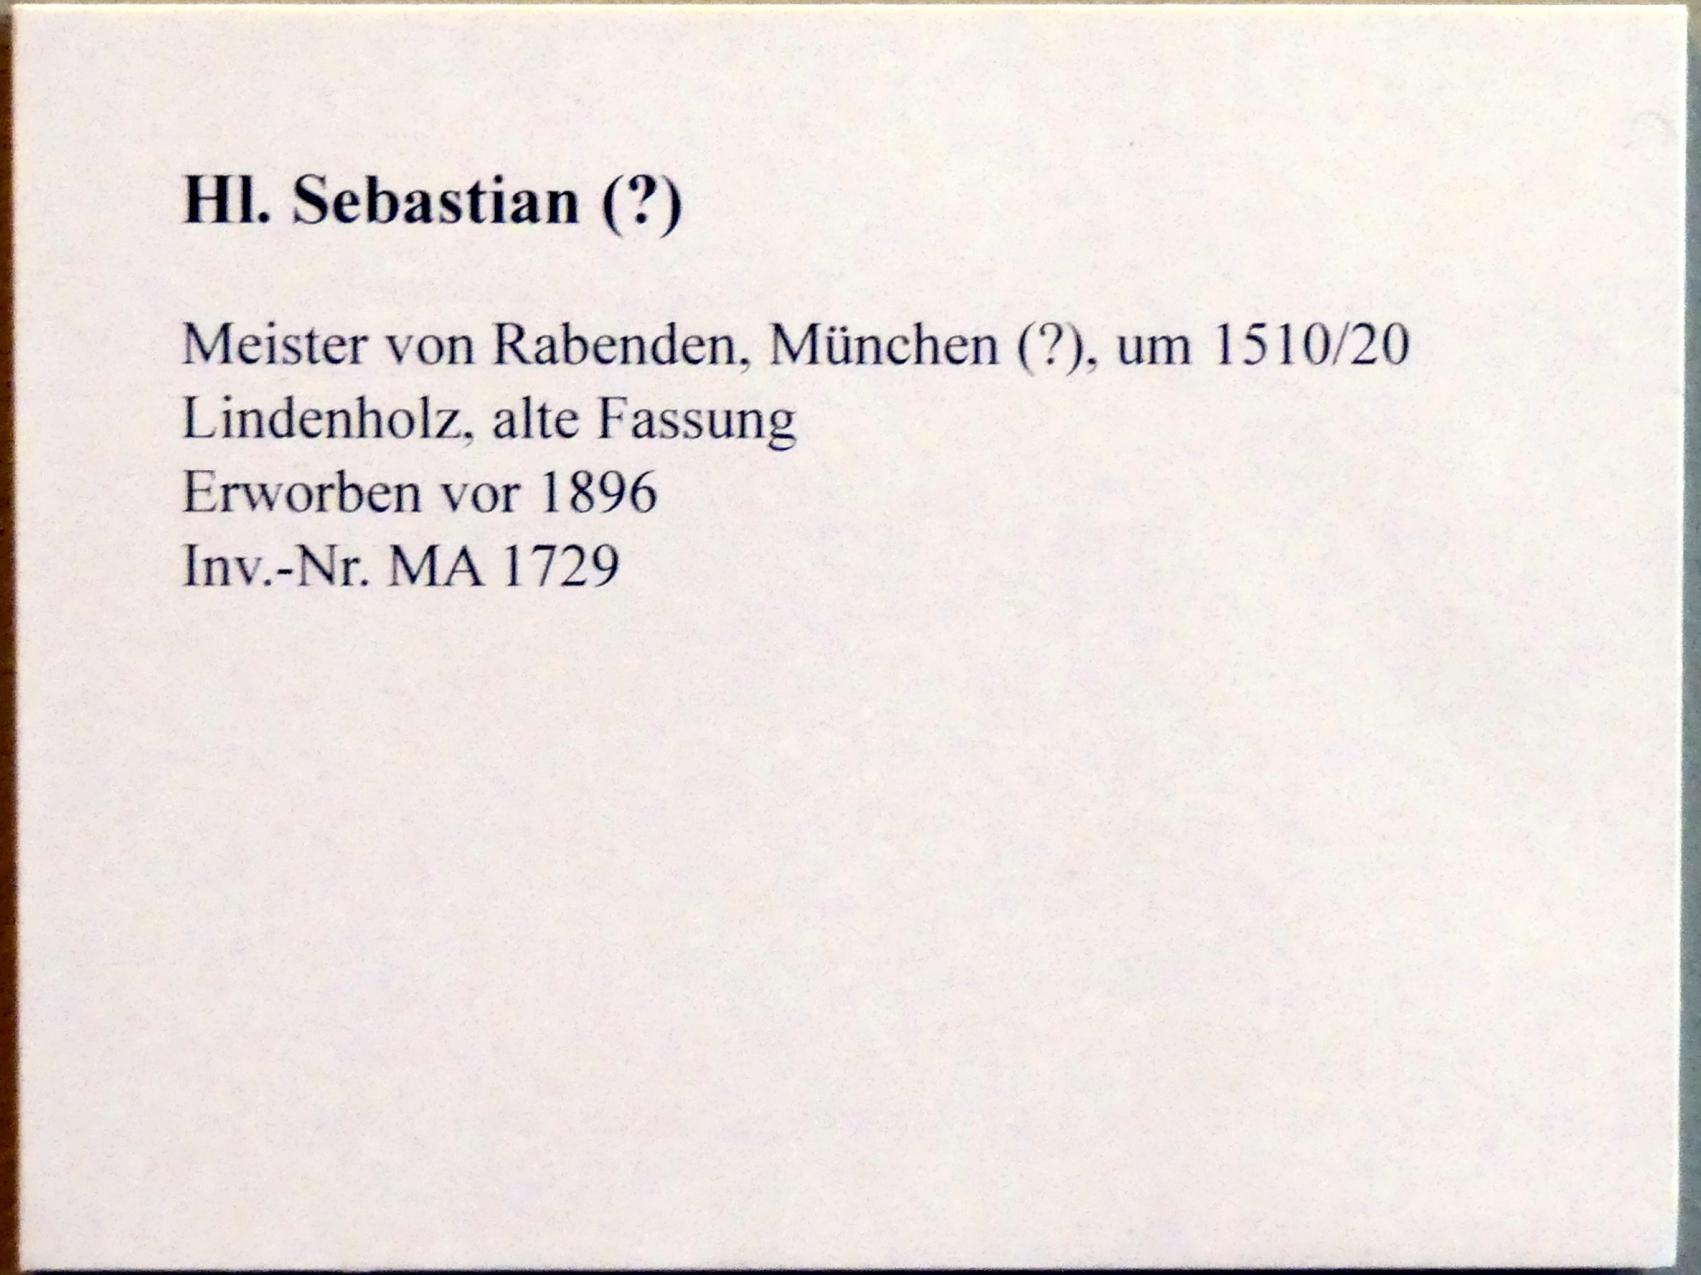 Meister von Rabenden: Hl. Sebastian (?), um 1510 - 1520, Bild 5/5